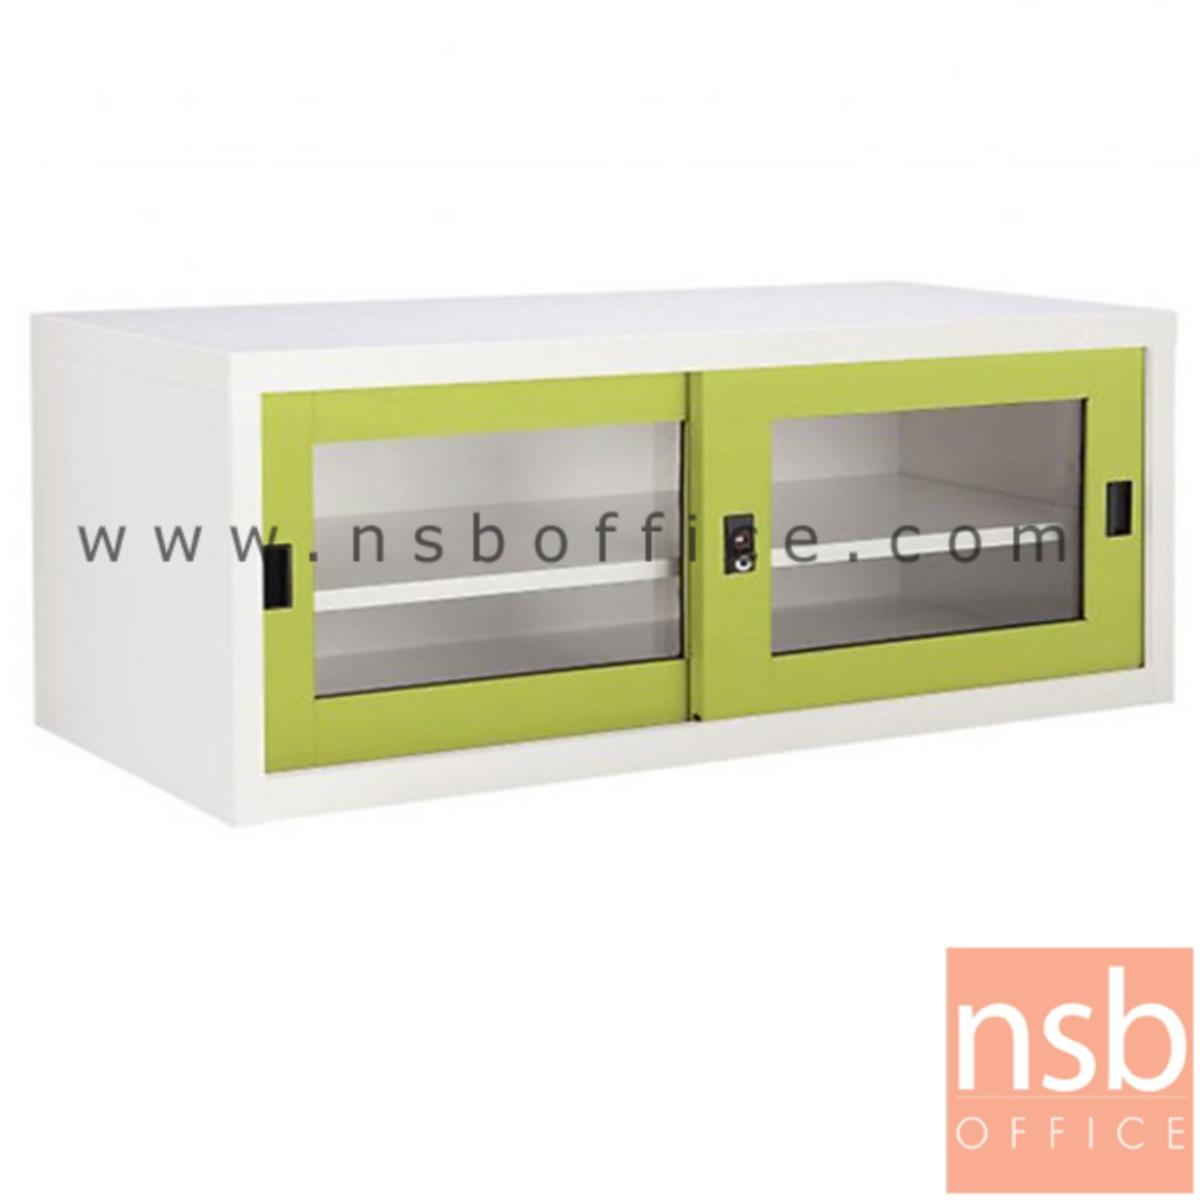 ตู้เหล็กบานเลื่อนกระจกเตี้ย 3 ฟุต หน้าบานสีสัน 88W*40.7D*44H cm รุ่น USB-2